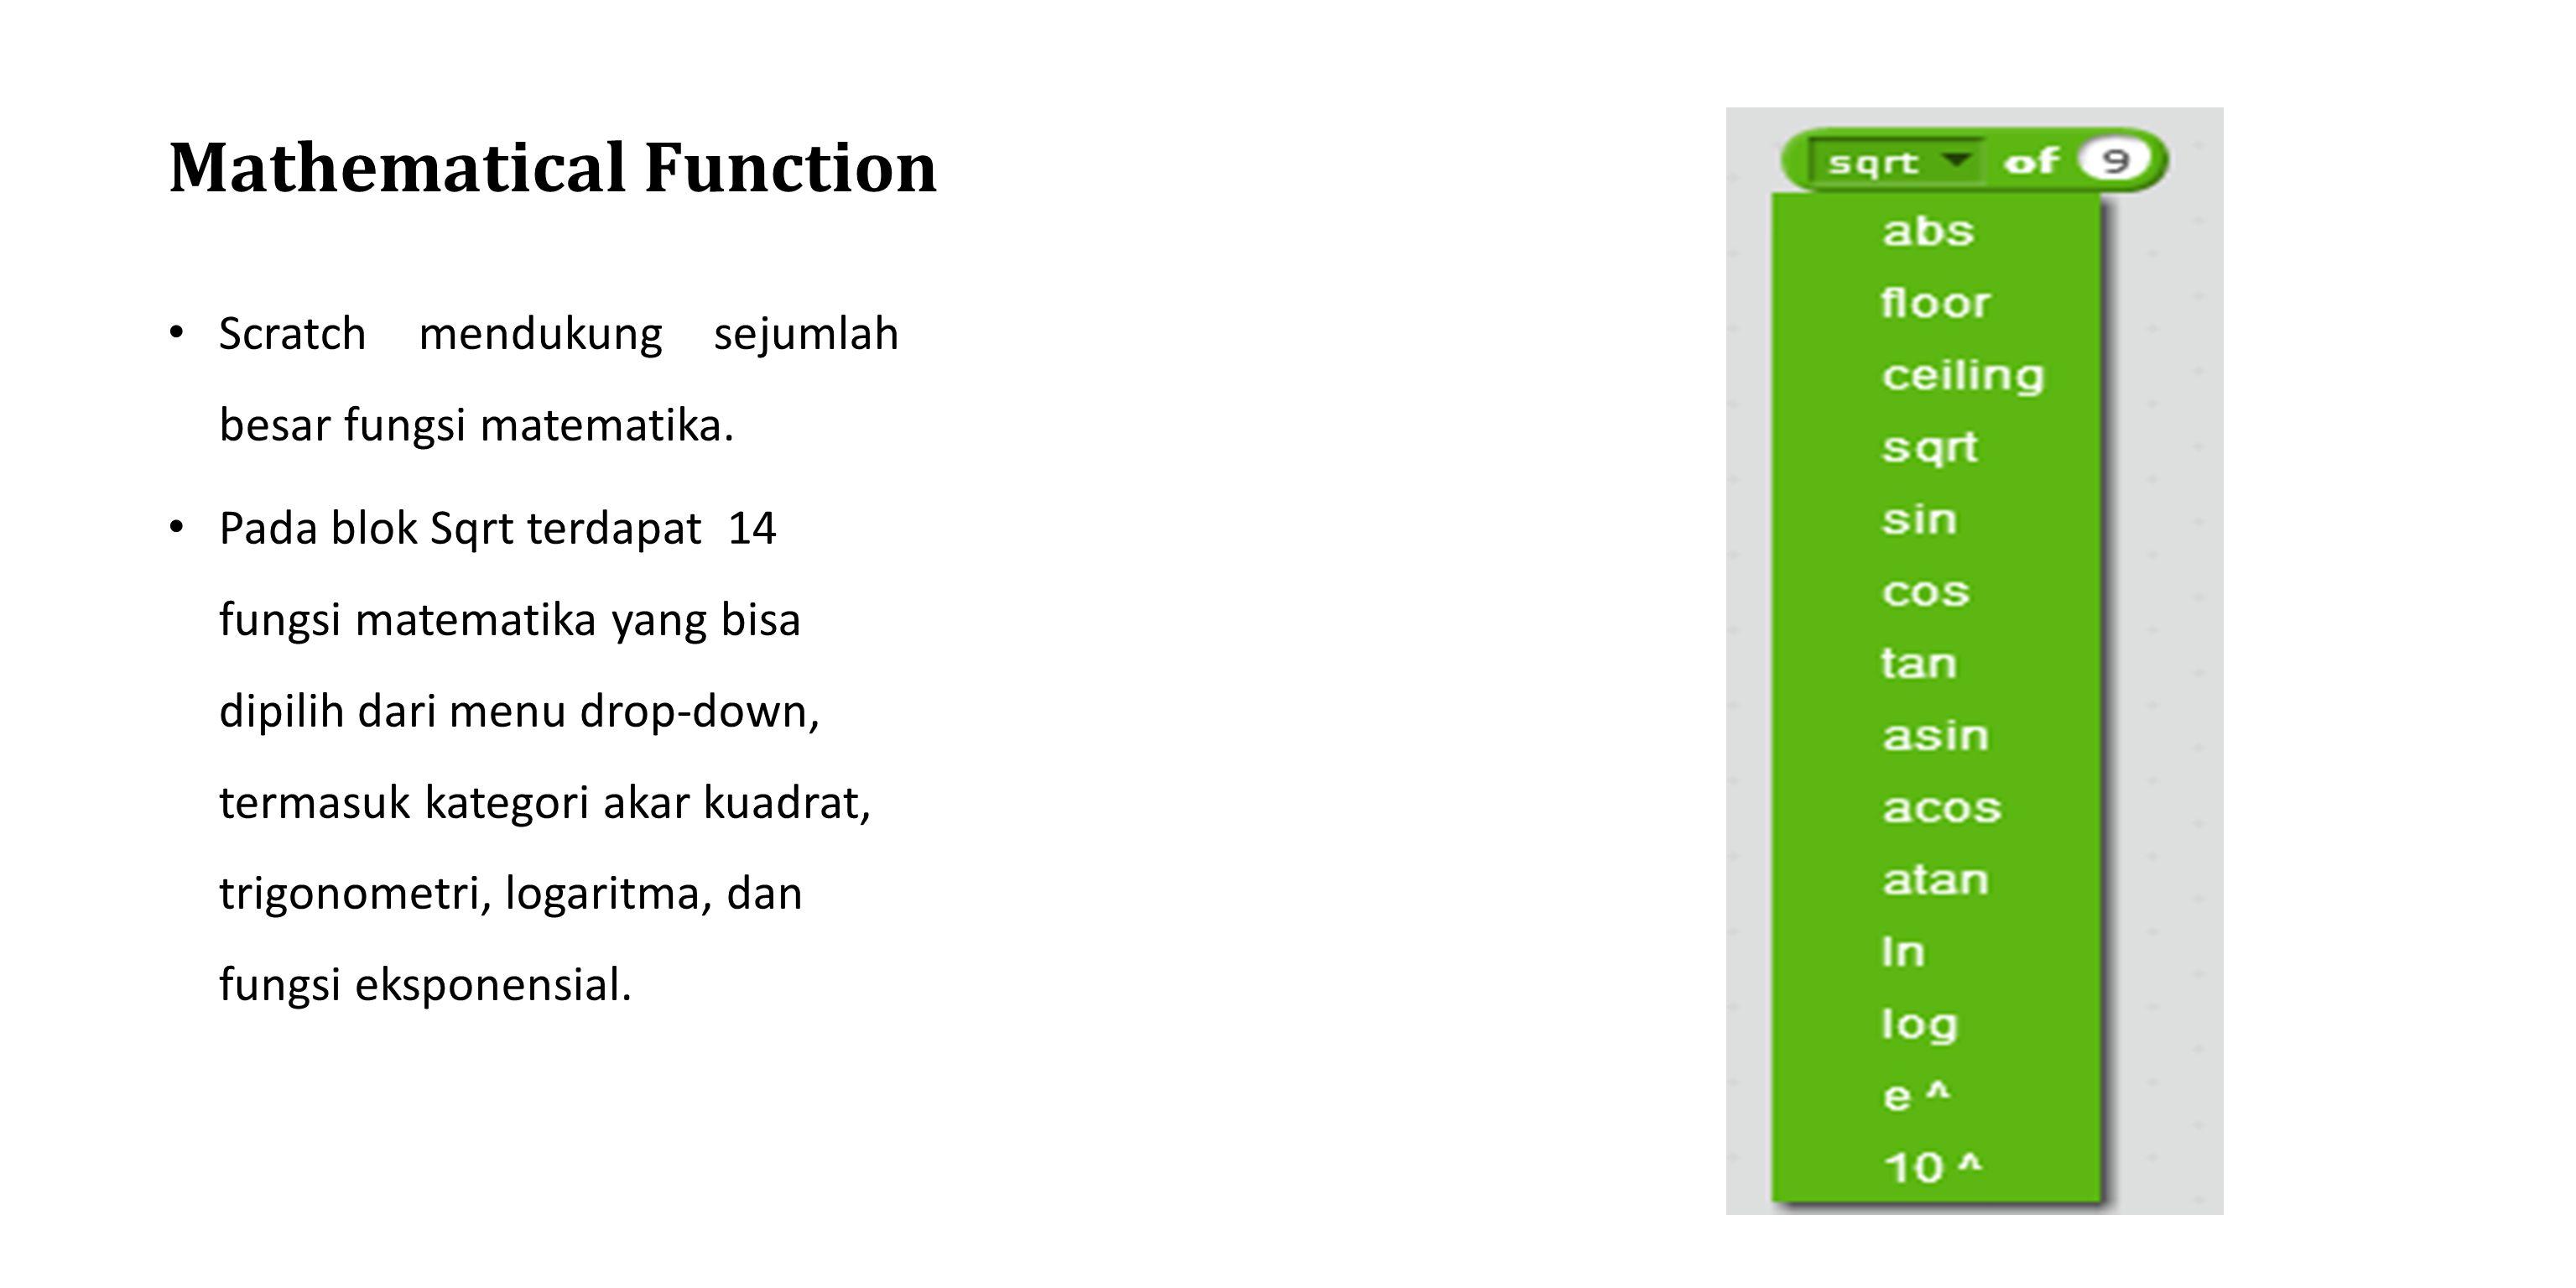 Mathematical Function Scratch mendukung sejumlah besar fungsi matematika. Pada blok Sqrt terdapat 14 fungsi matematika yang bisa dipilih dari menu dro